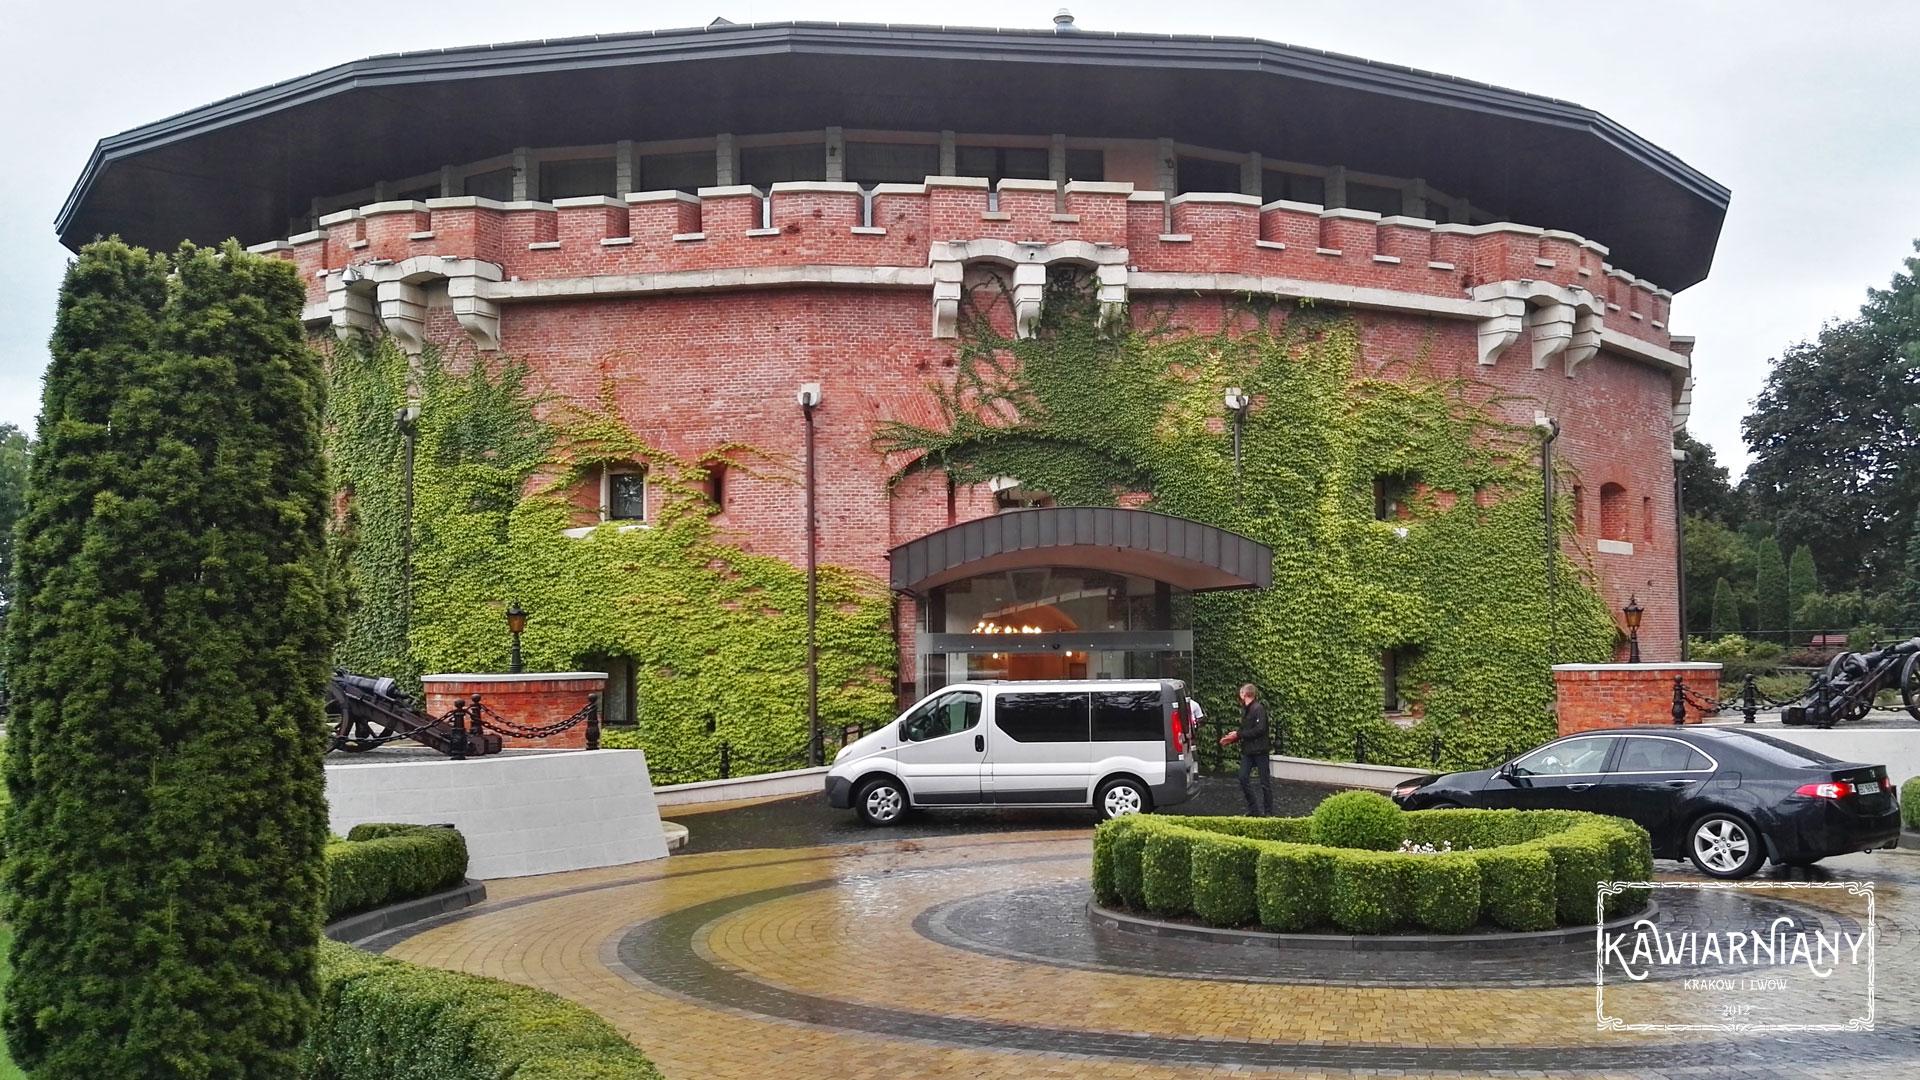 Restauracja w hotelu Citadel Inn, ul. Hrabowskiego 11, Lwów. Obiad z widokiem w cieniu historii Cytadeli